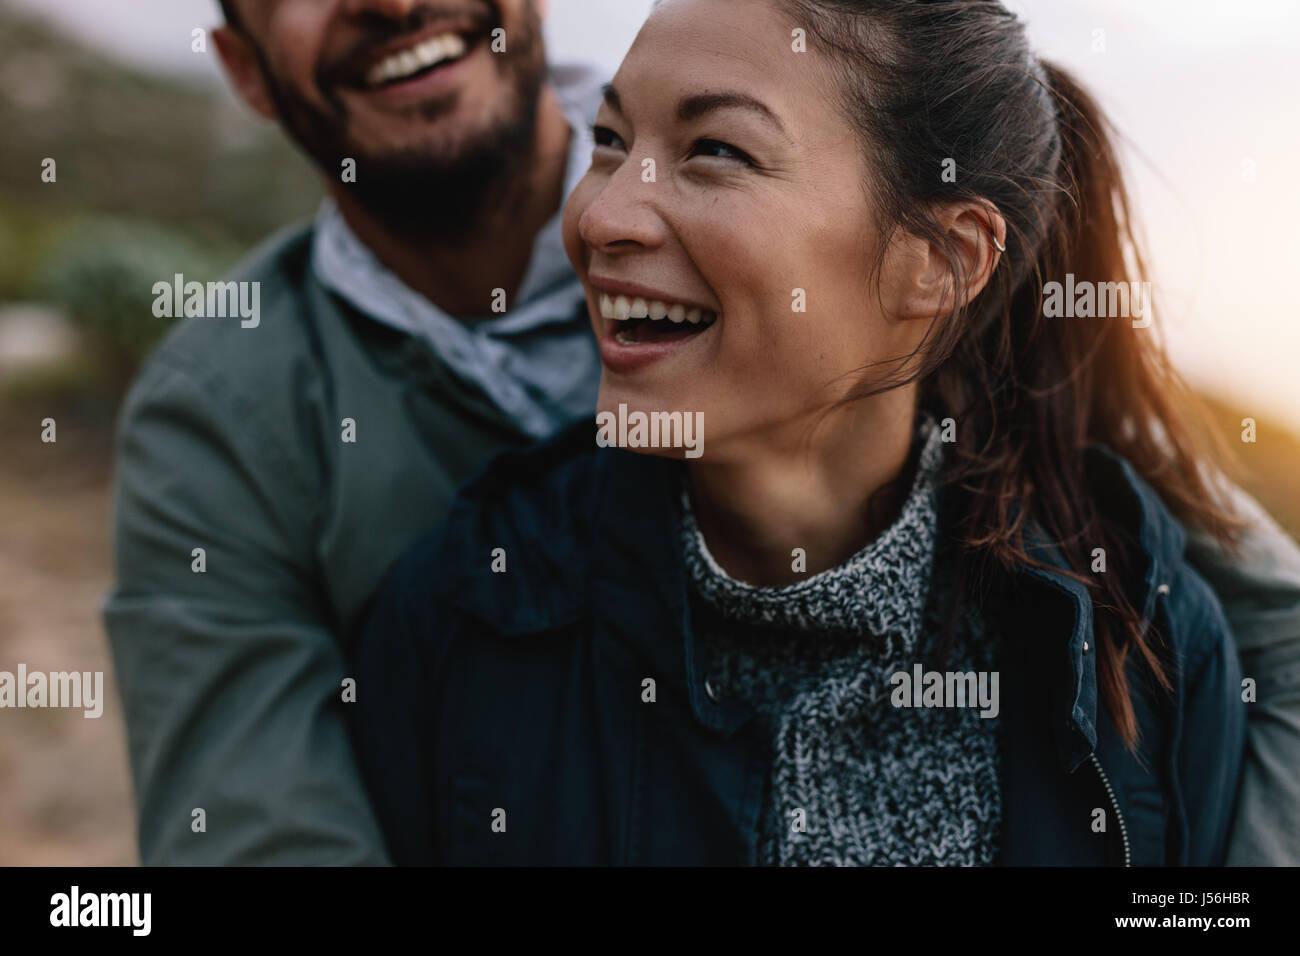 Sonriente mujer asiática es abrazado por su novio desde atrás. Par disfrutar de vacaciones. Imagen De Stock